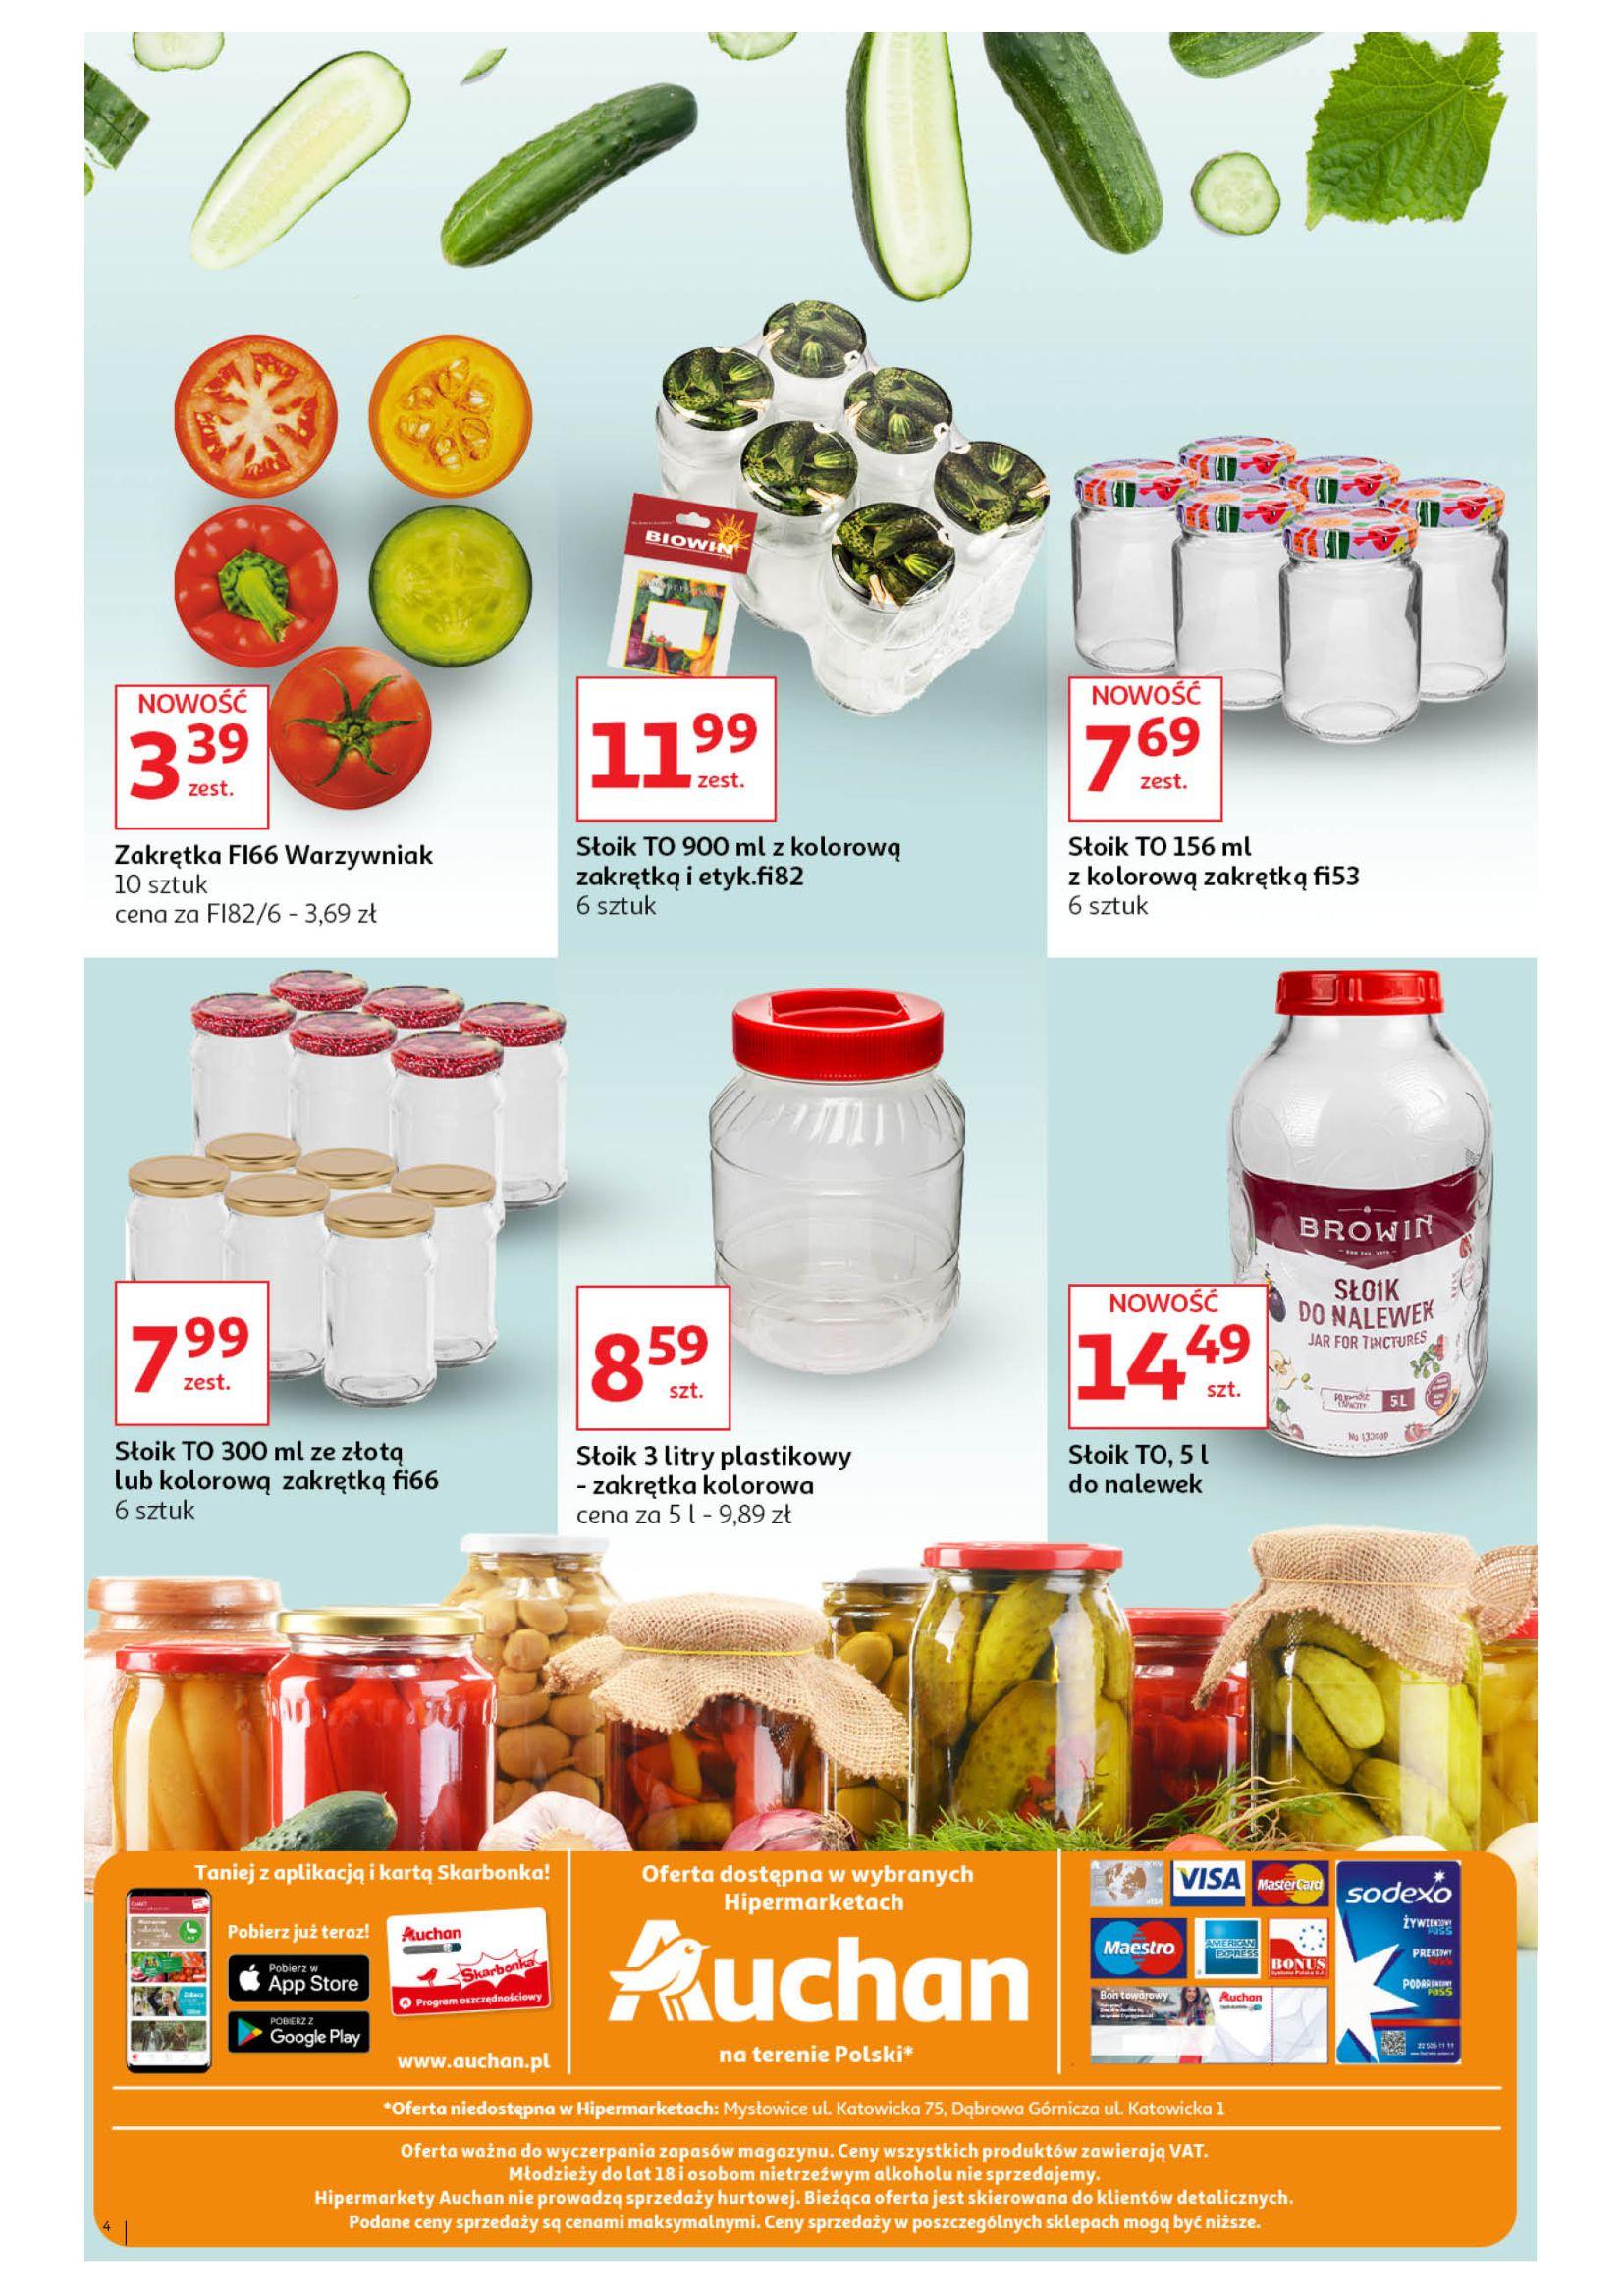 Gazetka Auchan - Suszarki do grzybów+przetwory Hipermarkety-29.07.2020-12.08.2020-page-4